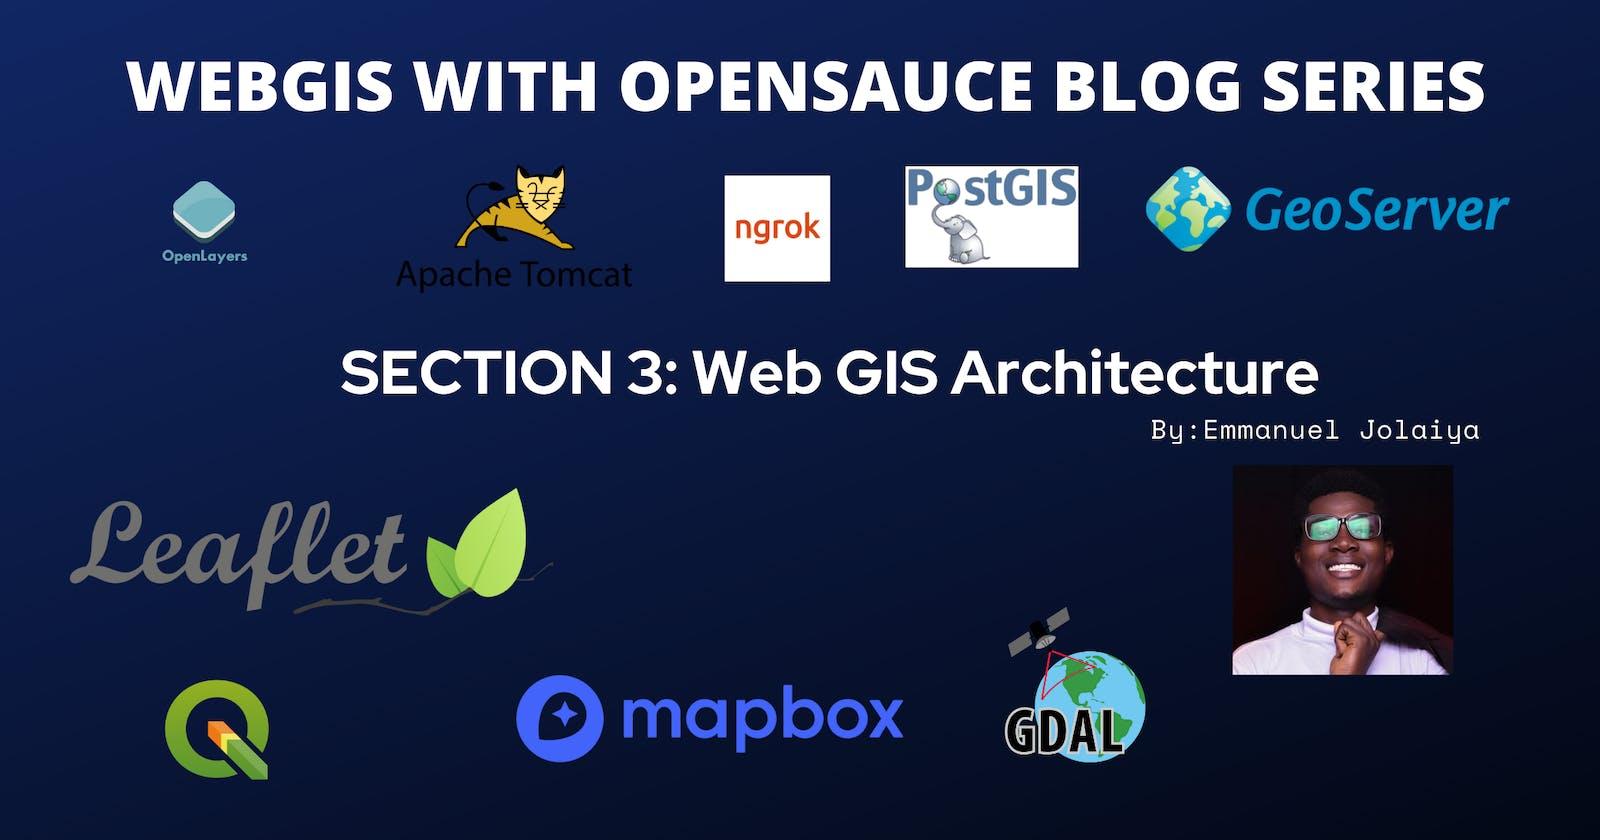 Section 3: WebGIS Architecture